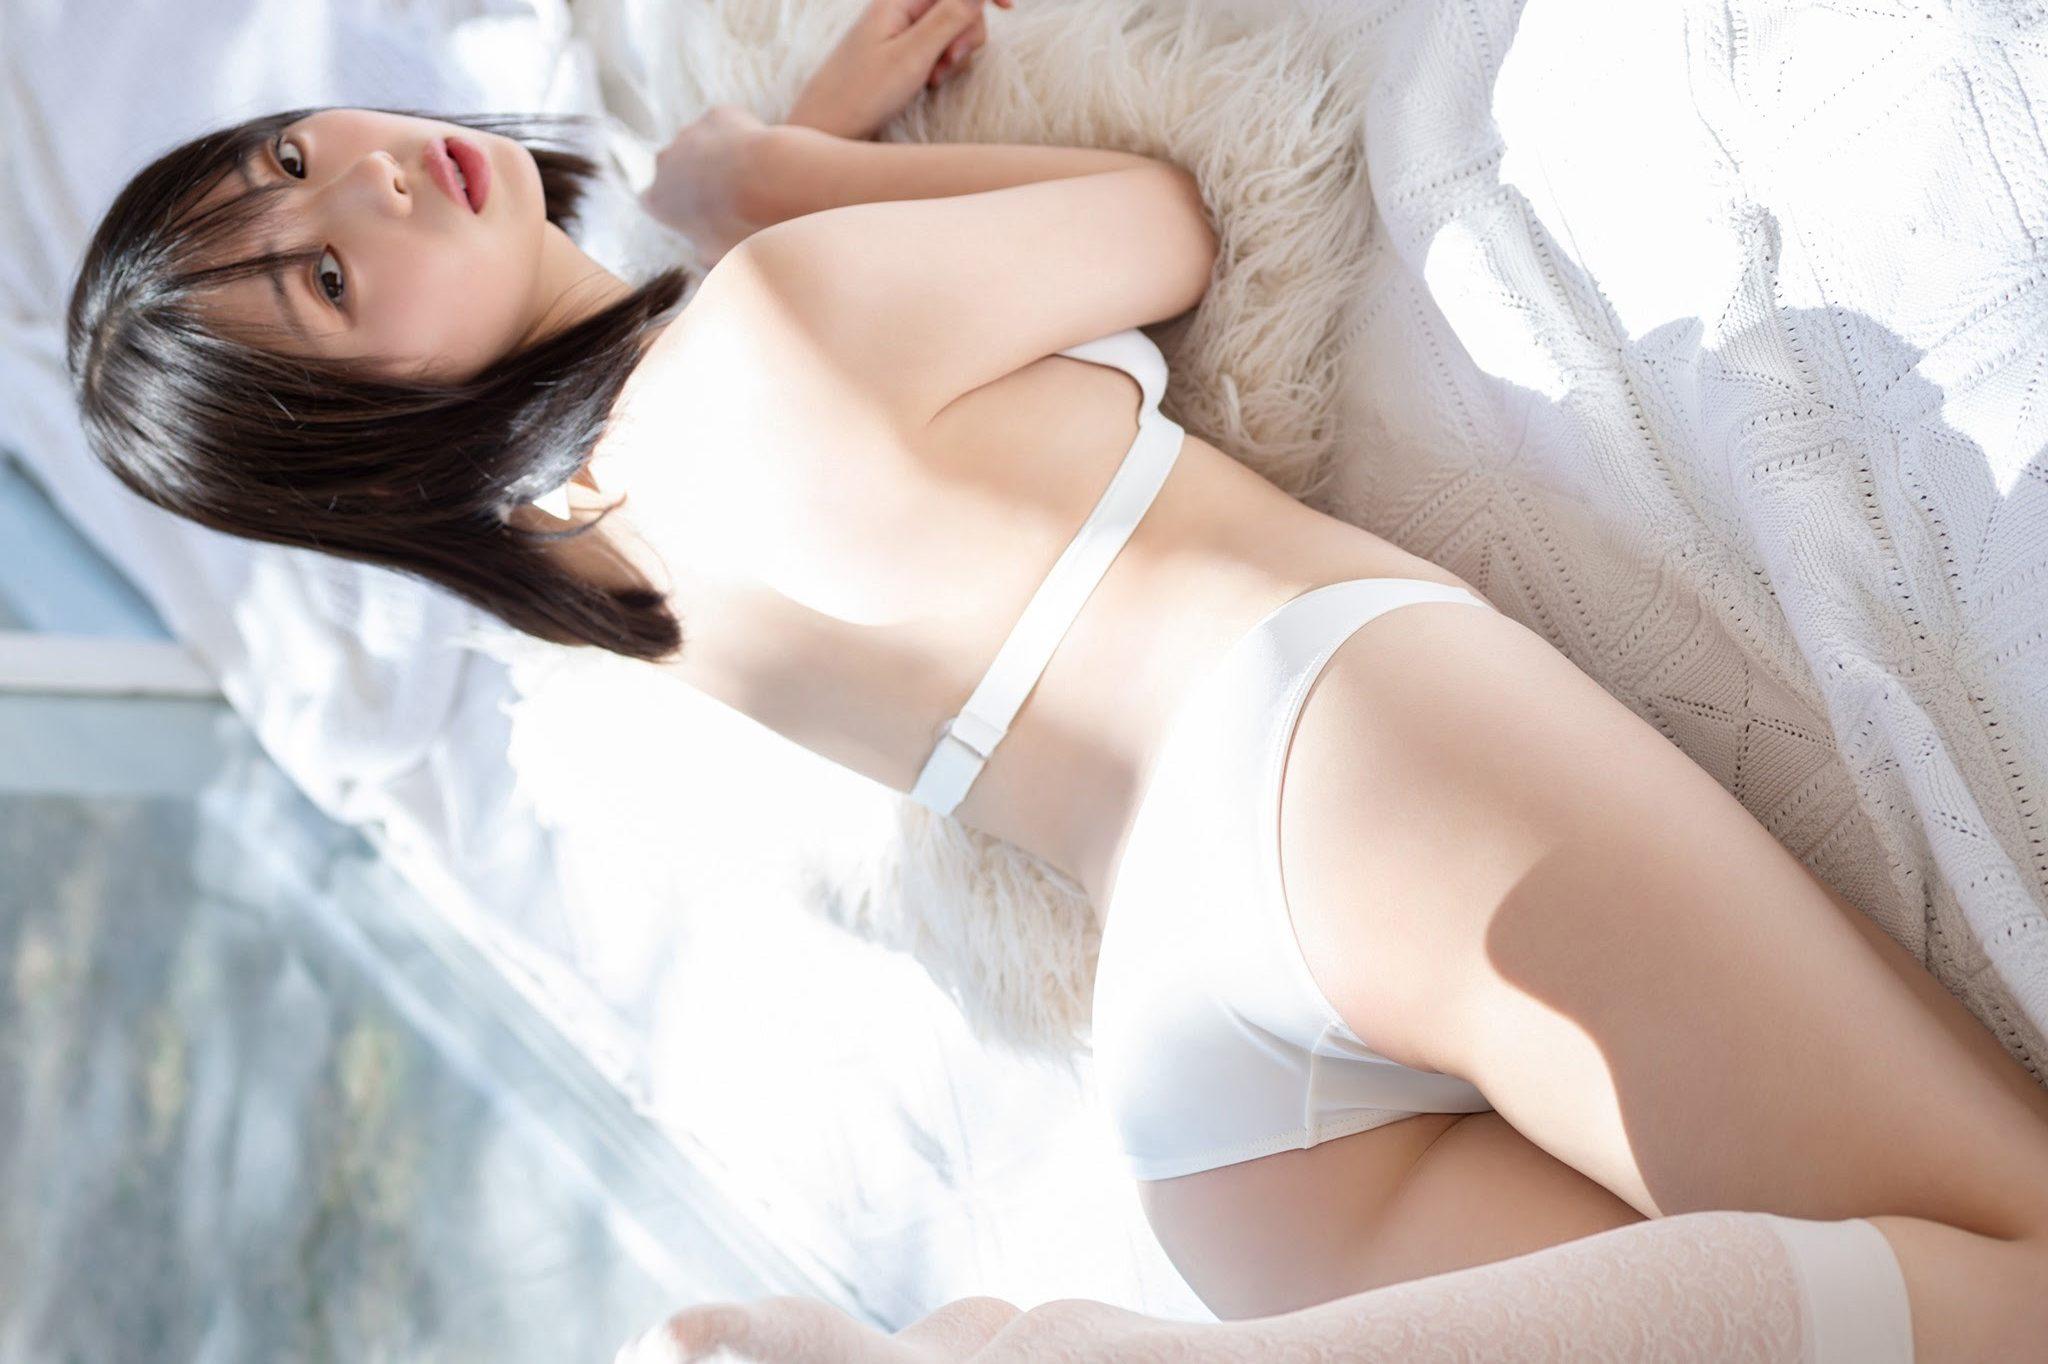 グラビアアイドル写真集 15歳とは思えない均整の取れたスタイルの菊地姫奈グラビア画像まとめ1 100枚